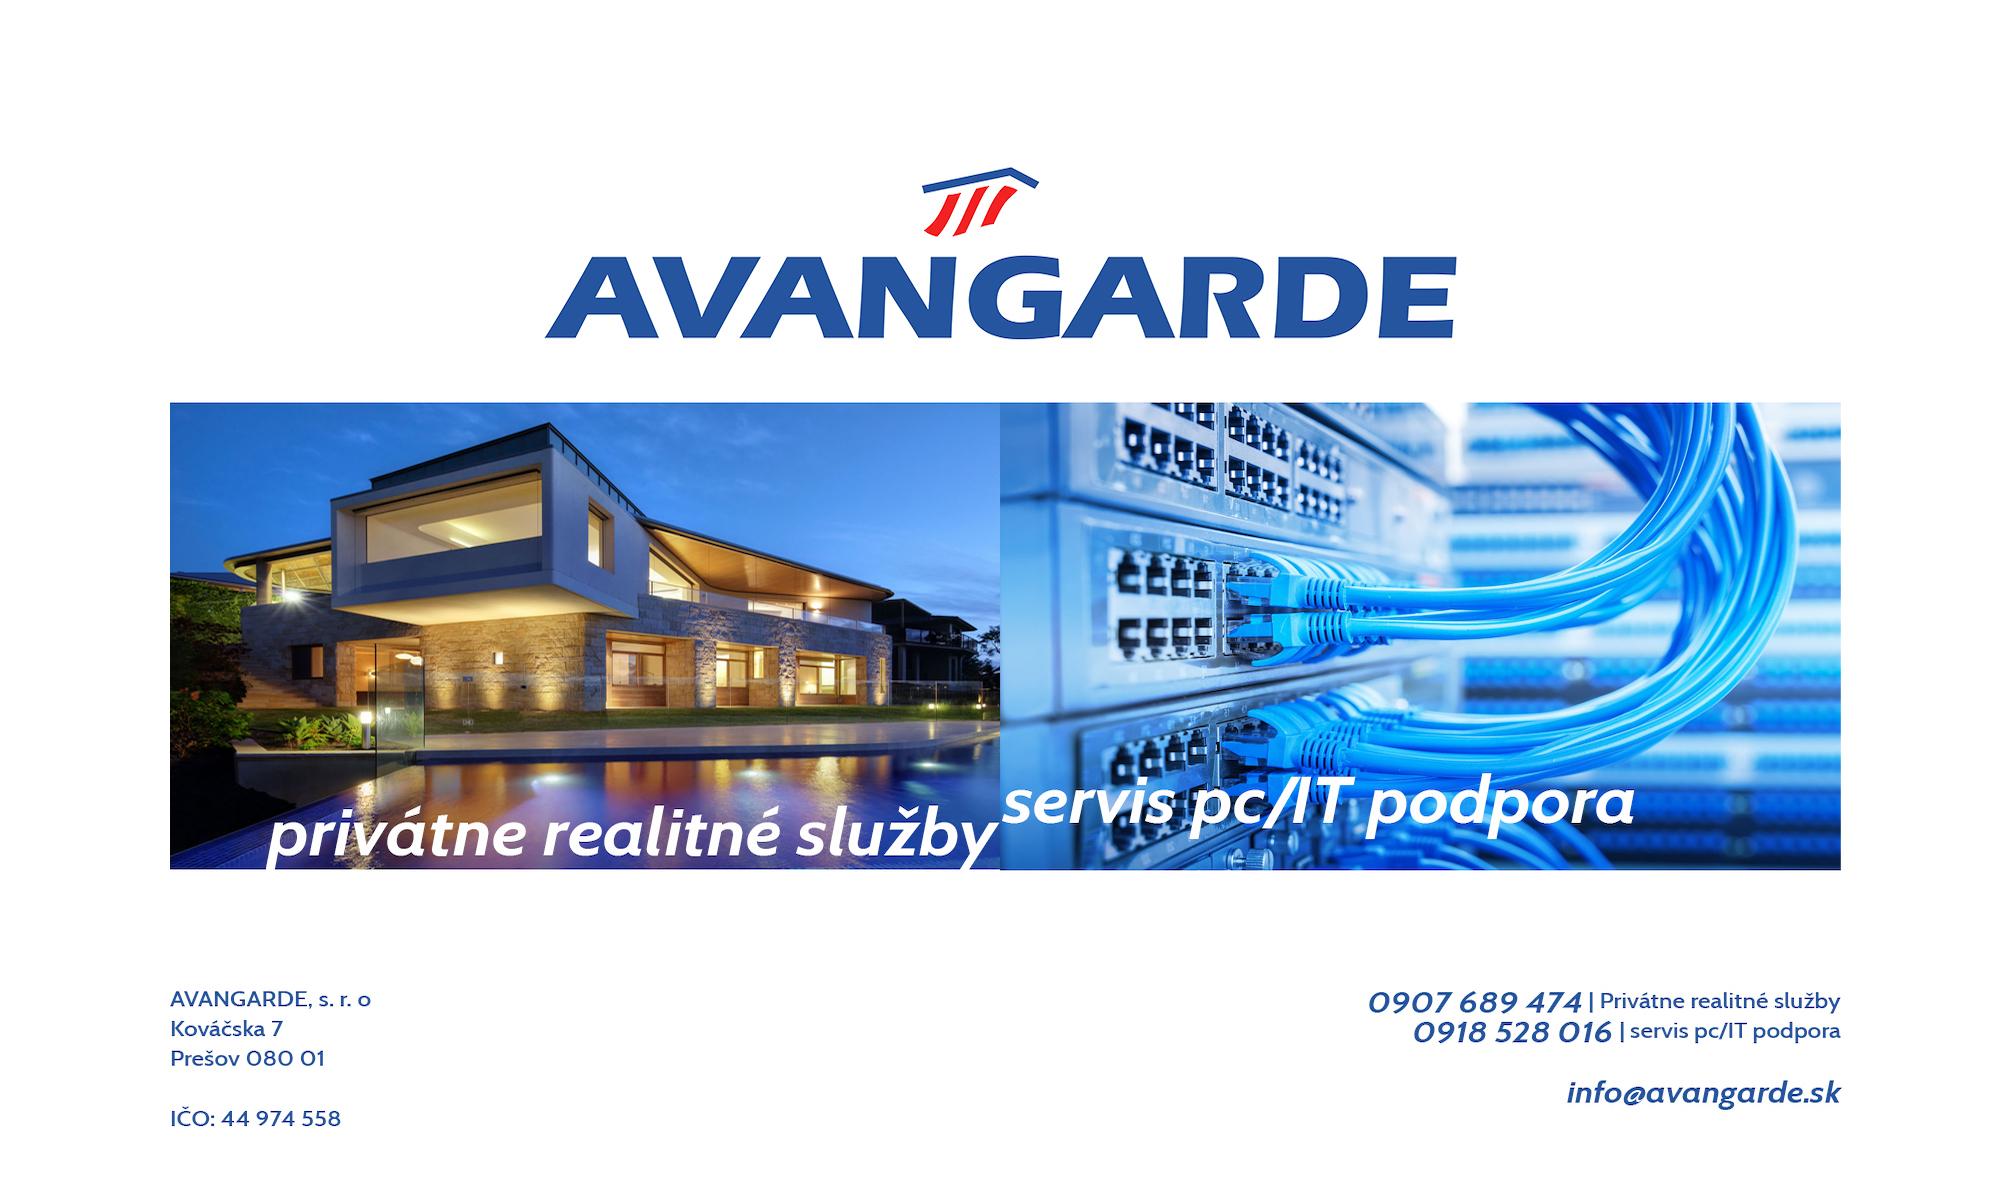 avangarde | privátne realitné služby | servis pc a IT podpora